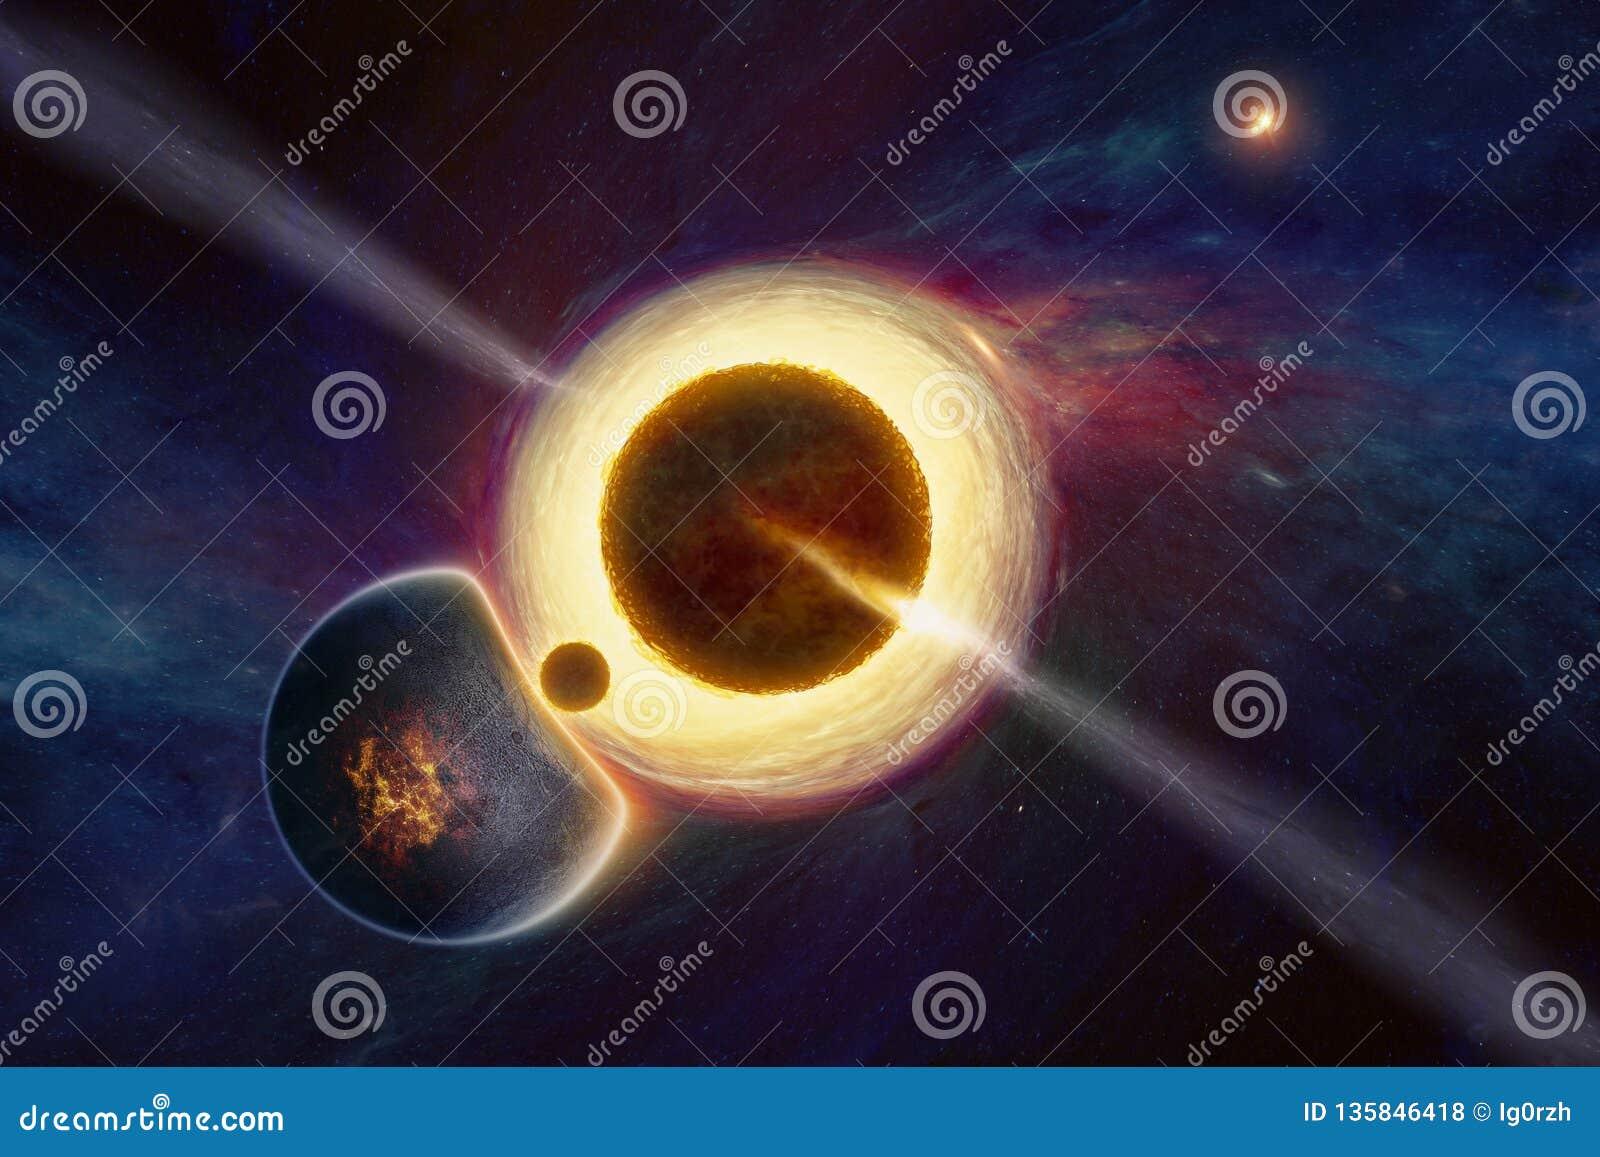 Сверхестественная внеземная форма жизни в глубоком космическом пространстве около супермассивной черной дыры